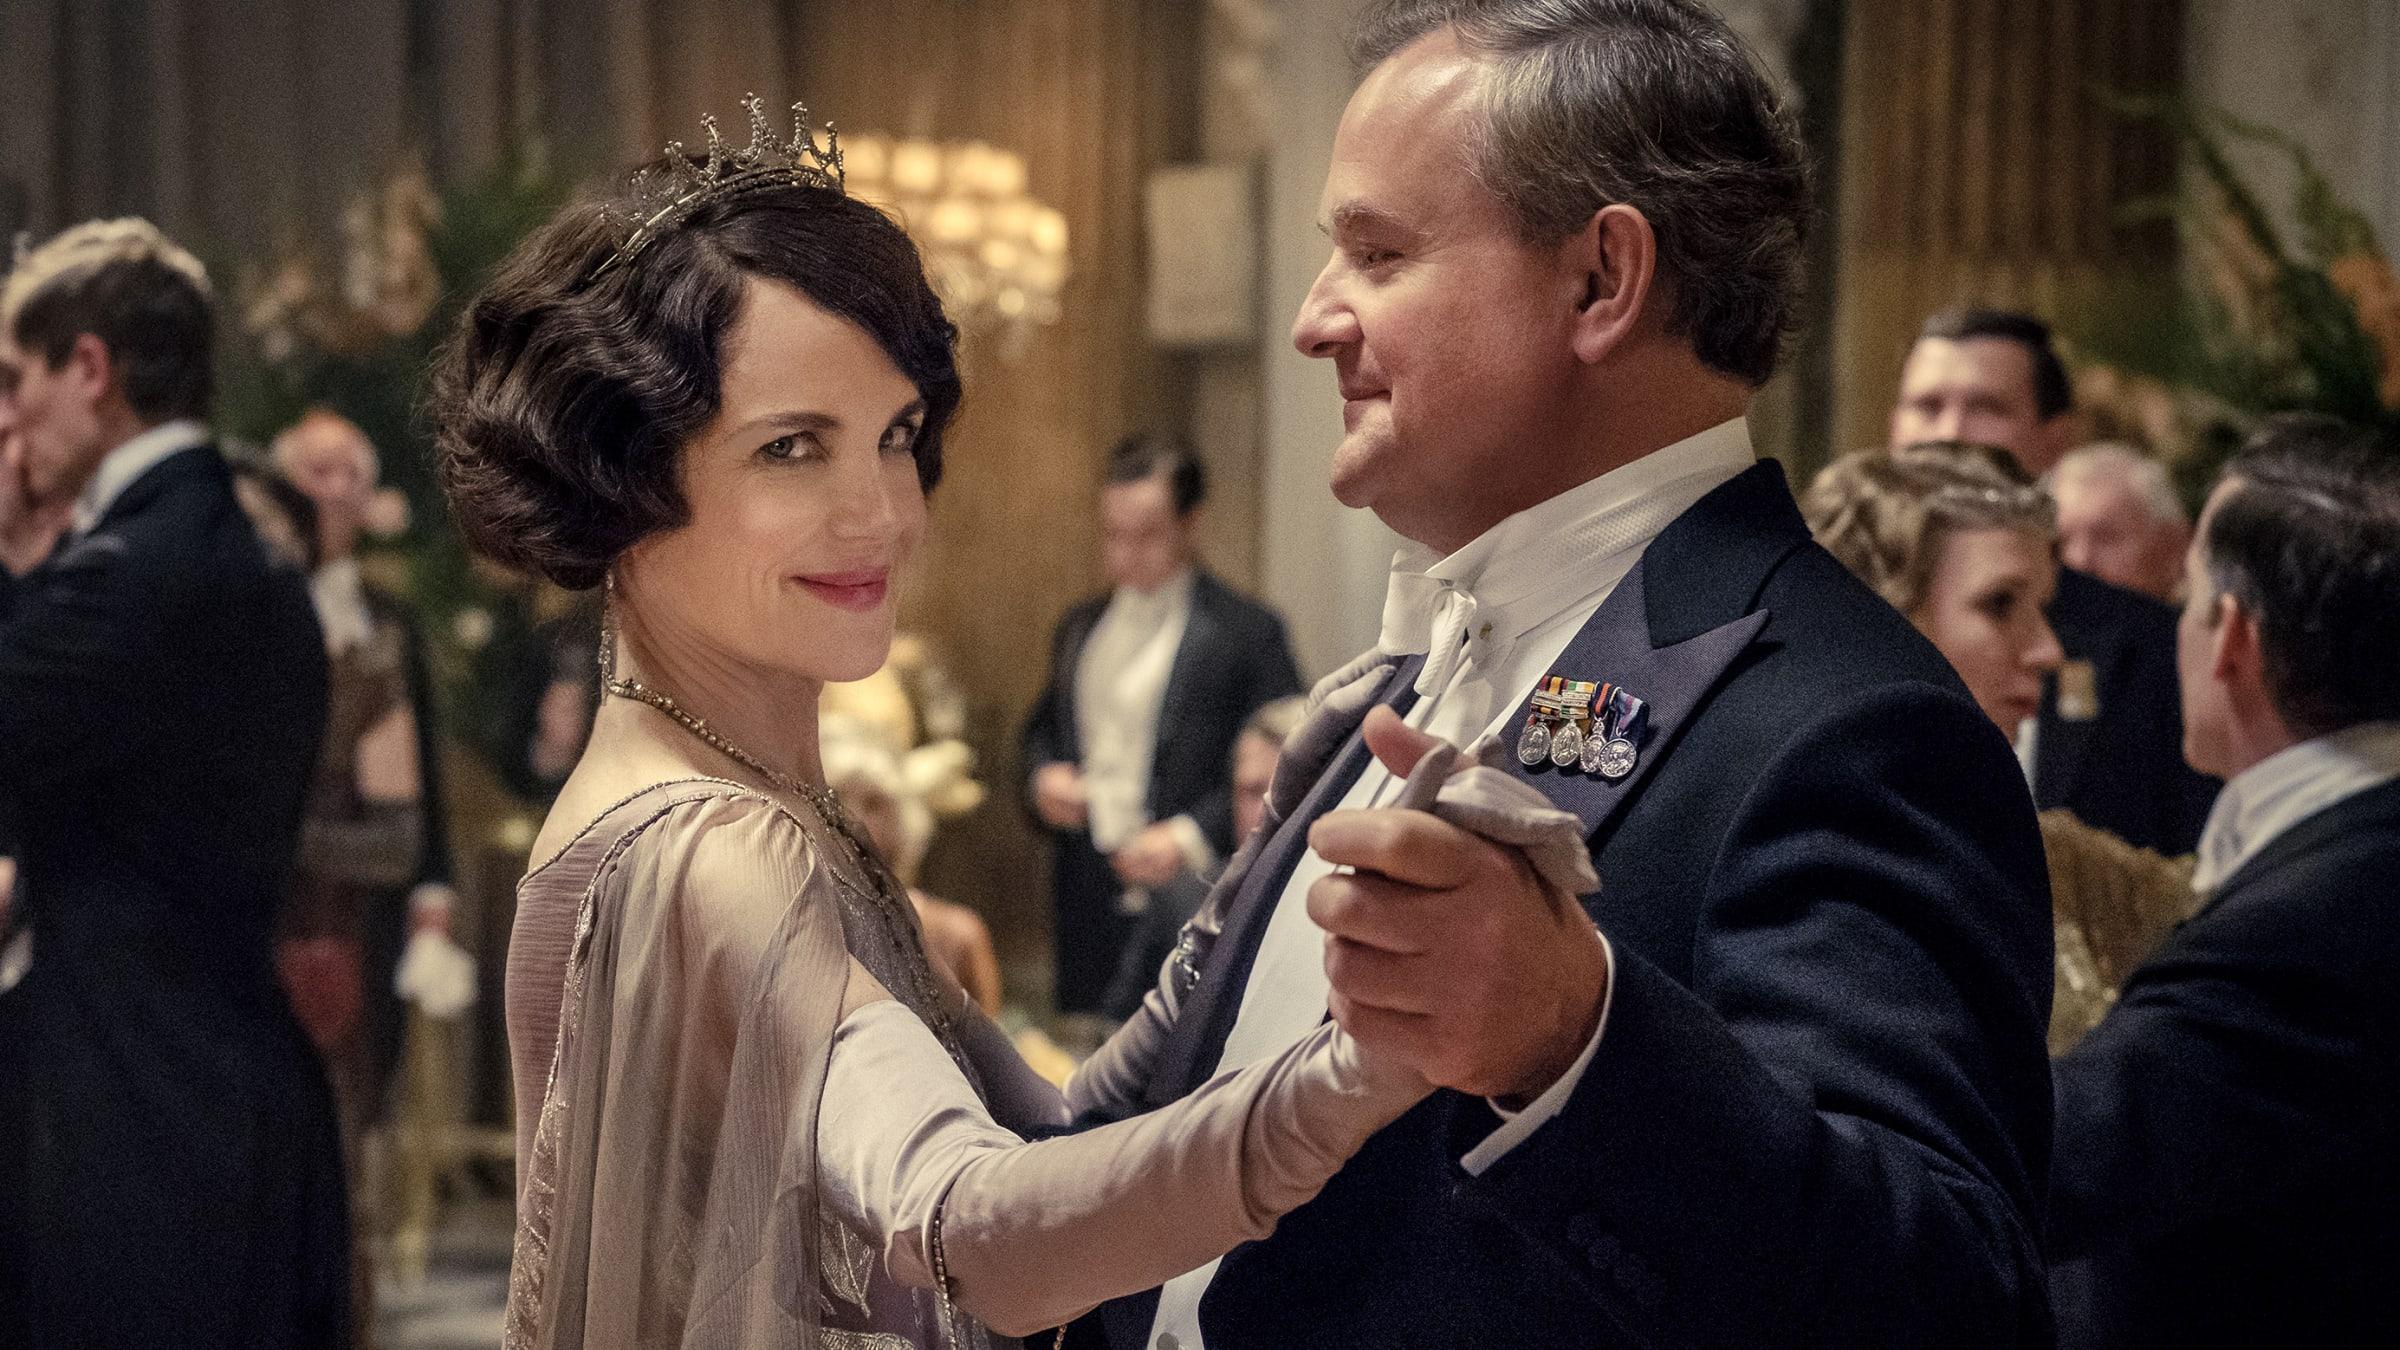 RomaFF14: Downton Abbey, eleganza della parola e del costume